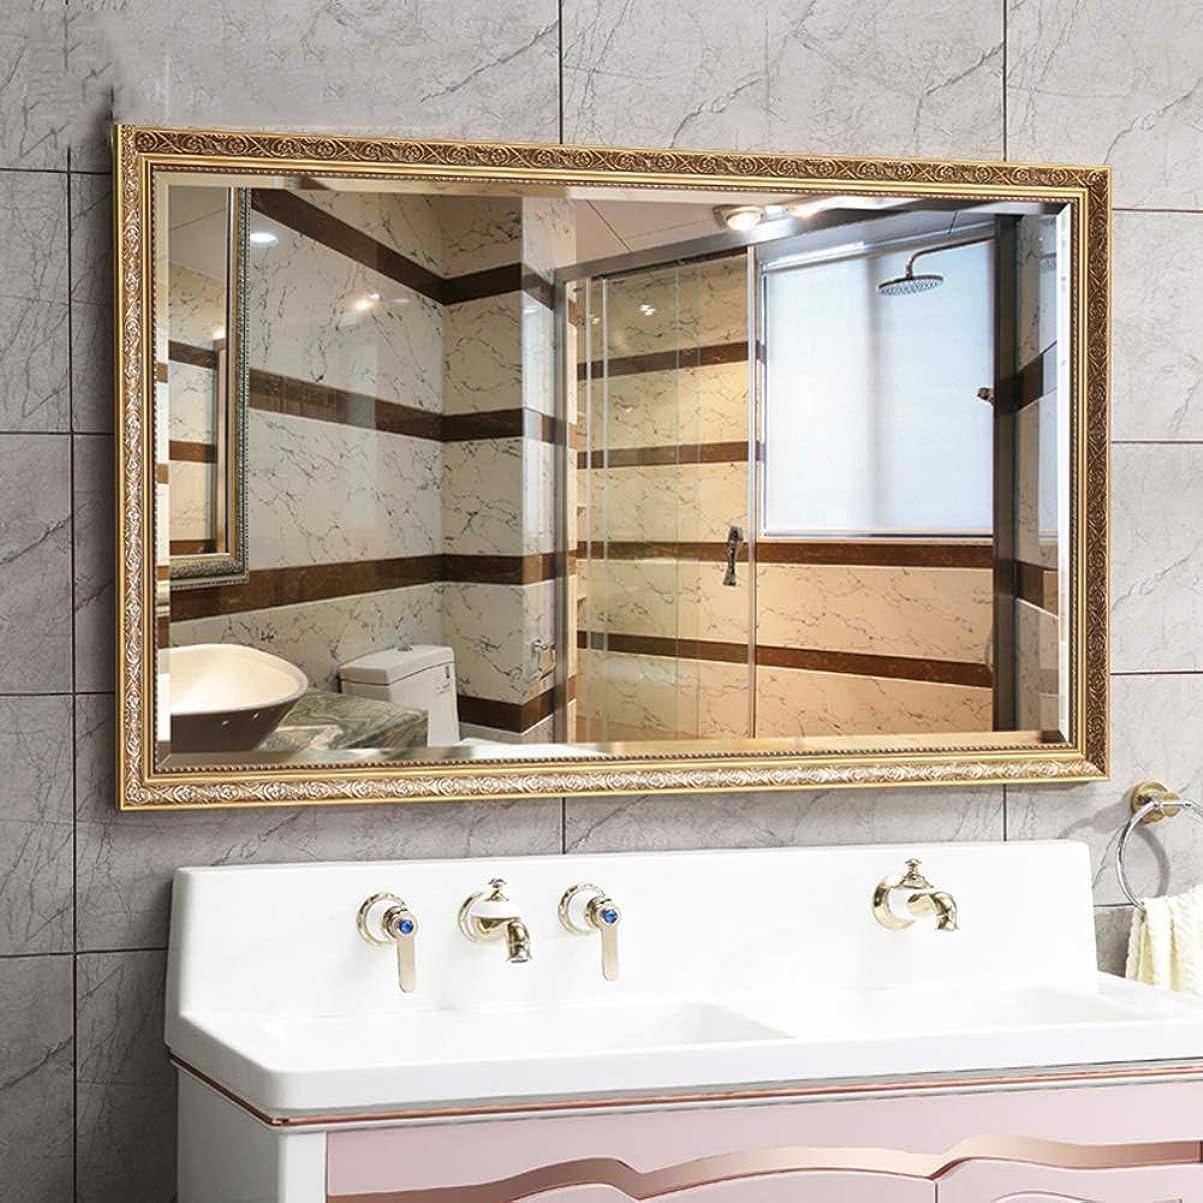 粘液立法ミュウミュウ黄金の長方形のバスルームミラー、ヨーロッパの豪華な壁の鏡、ホテルビューティーサロンヨガジムバニティミラー化粧鏡、家の装飾ミラー